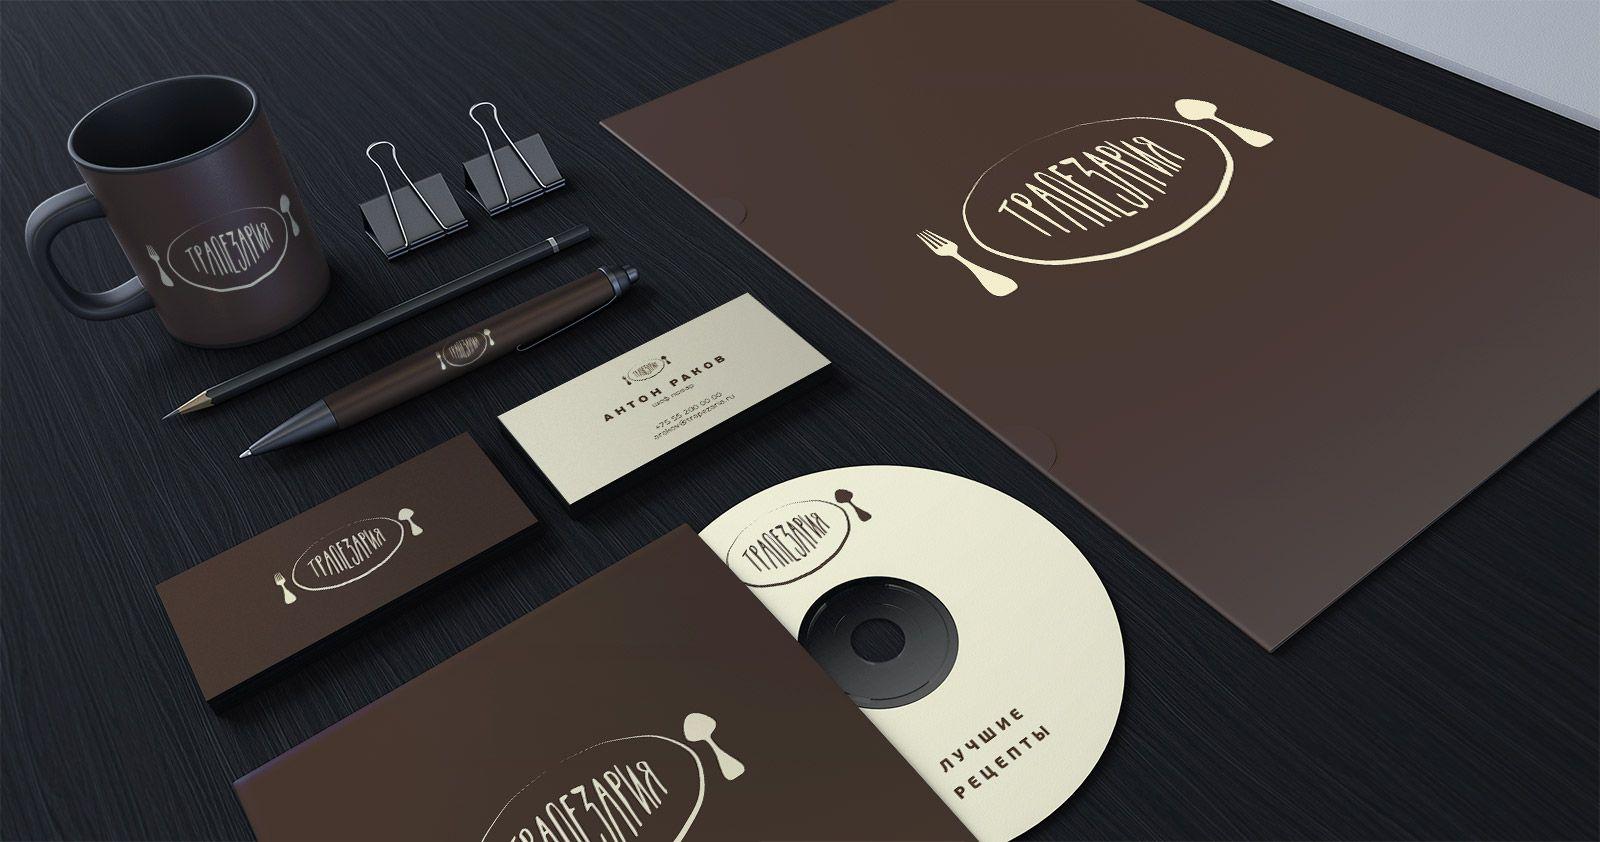 Логотип, брендбук и фирменный стиль для Трапезарии - дизайнер Odinus